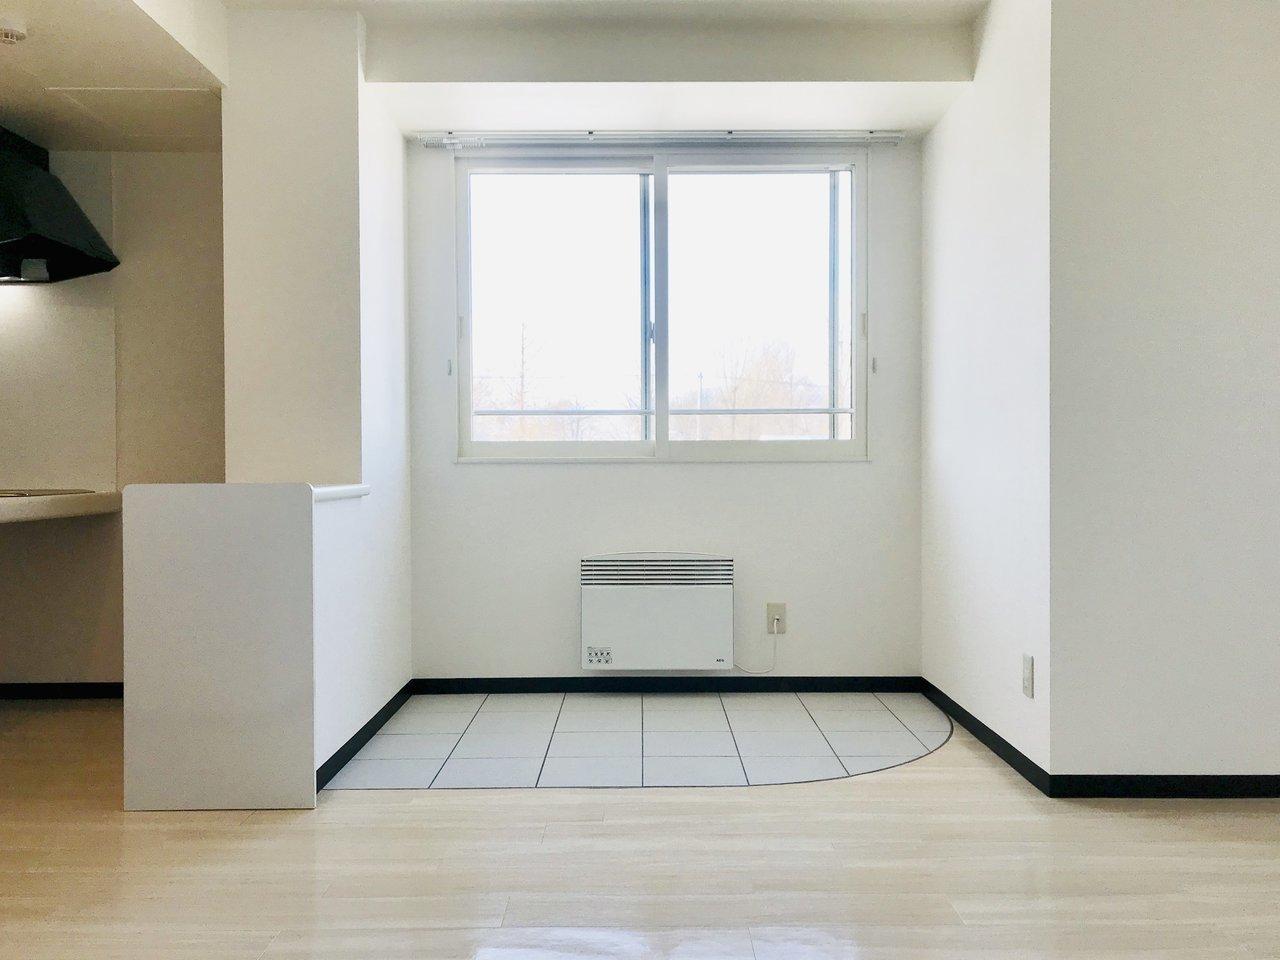 ちょっと珍しい、「インナーテラス」のある、1LDKのお部屋。インナーテラスとは、その名の通り、家の中にあるテラスのこと。札幌の長い冬の季節や雨の日には室内干しの場所にしてもよし、テーブルや椅子を置いて窓辺のカフェのように使用しても良し。使い方はあなた次第です。